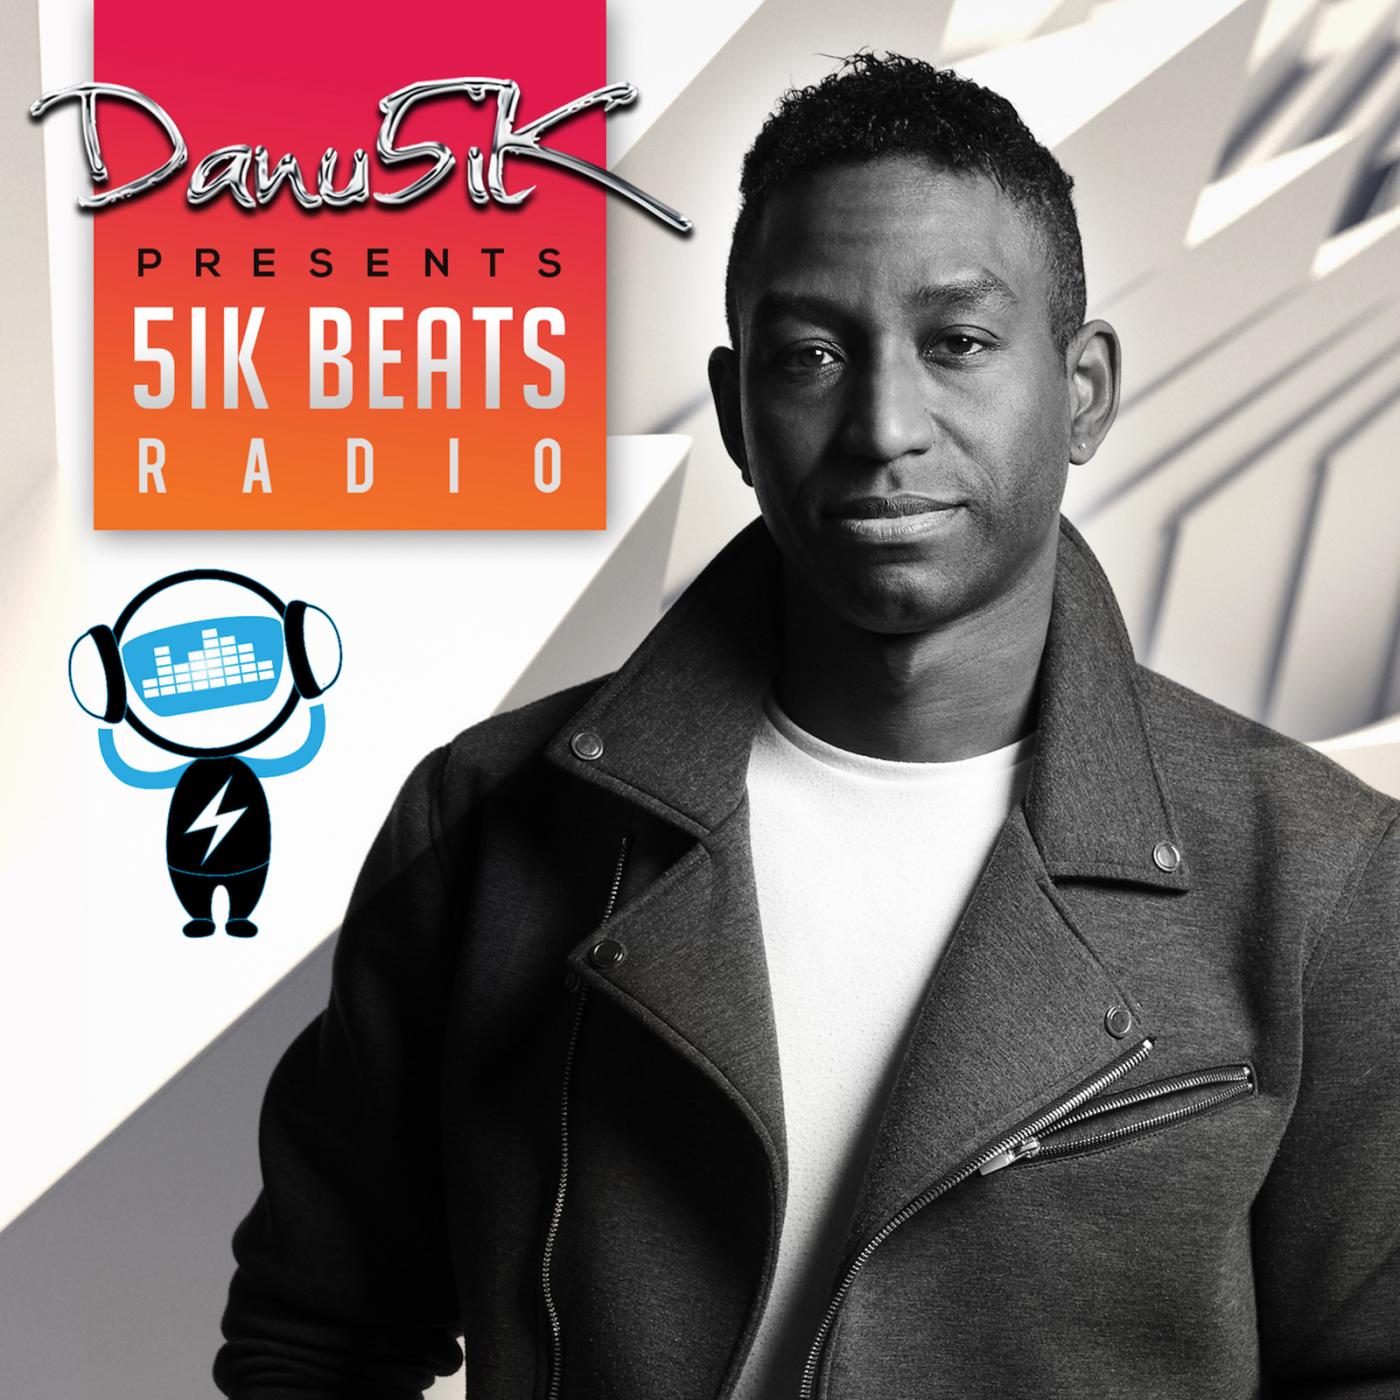 5ik Beats Radio 112 | Danu5ik